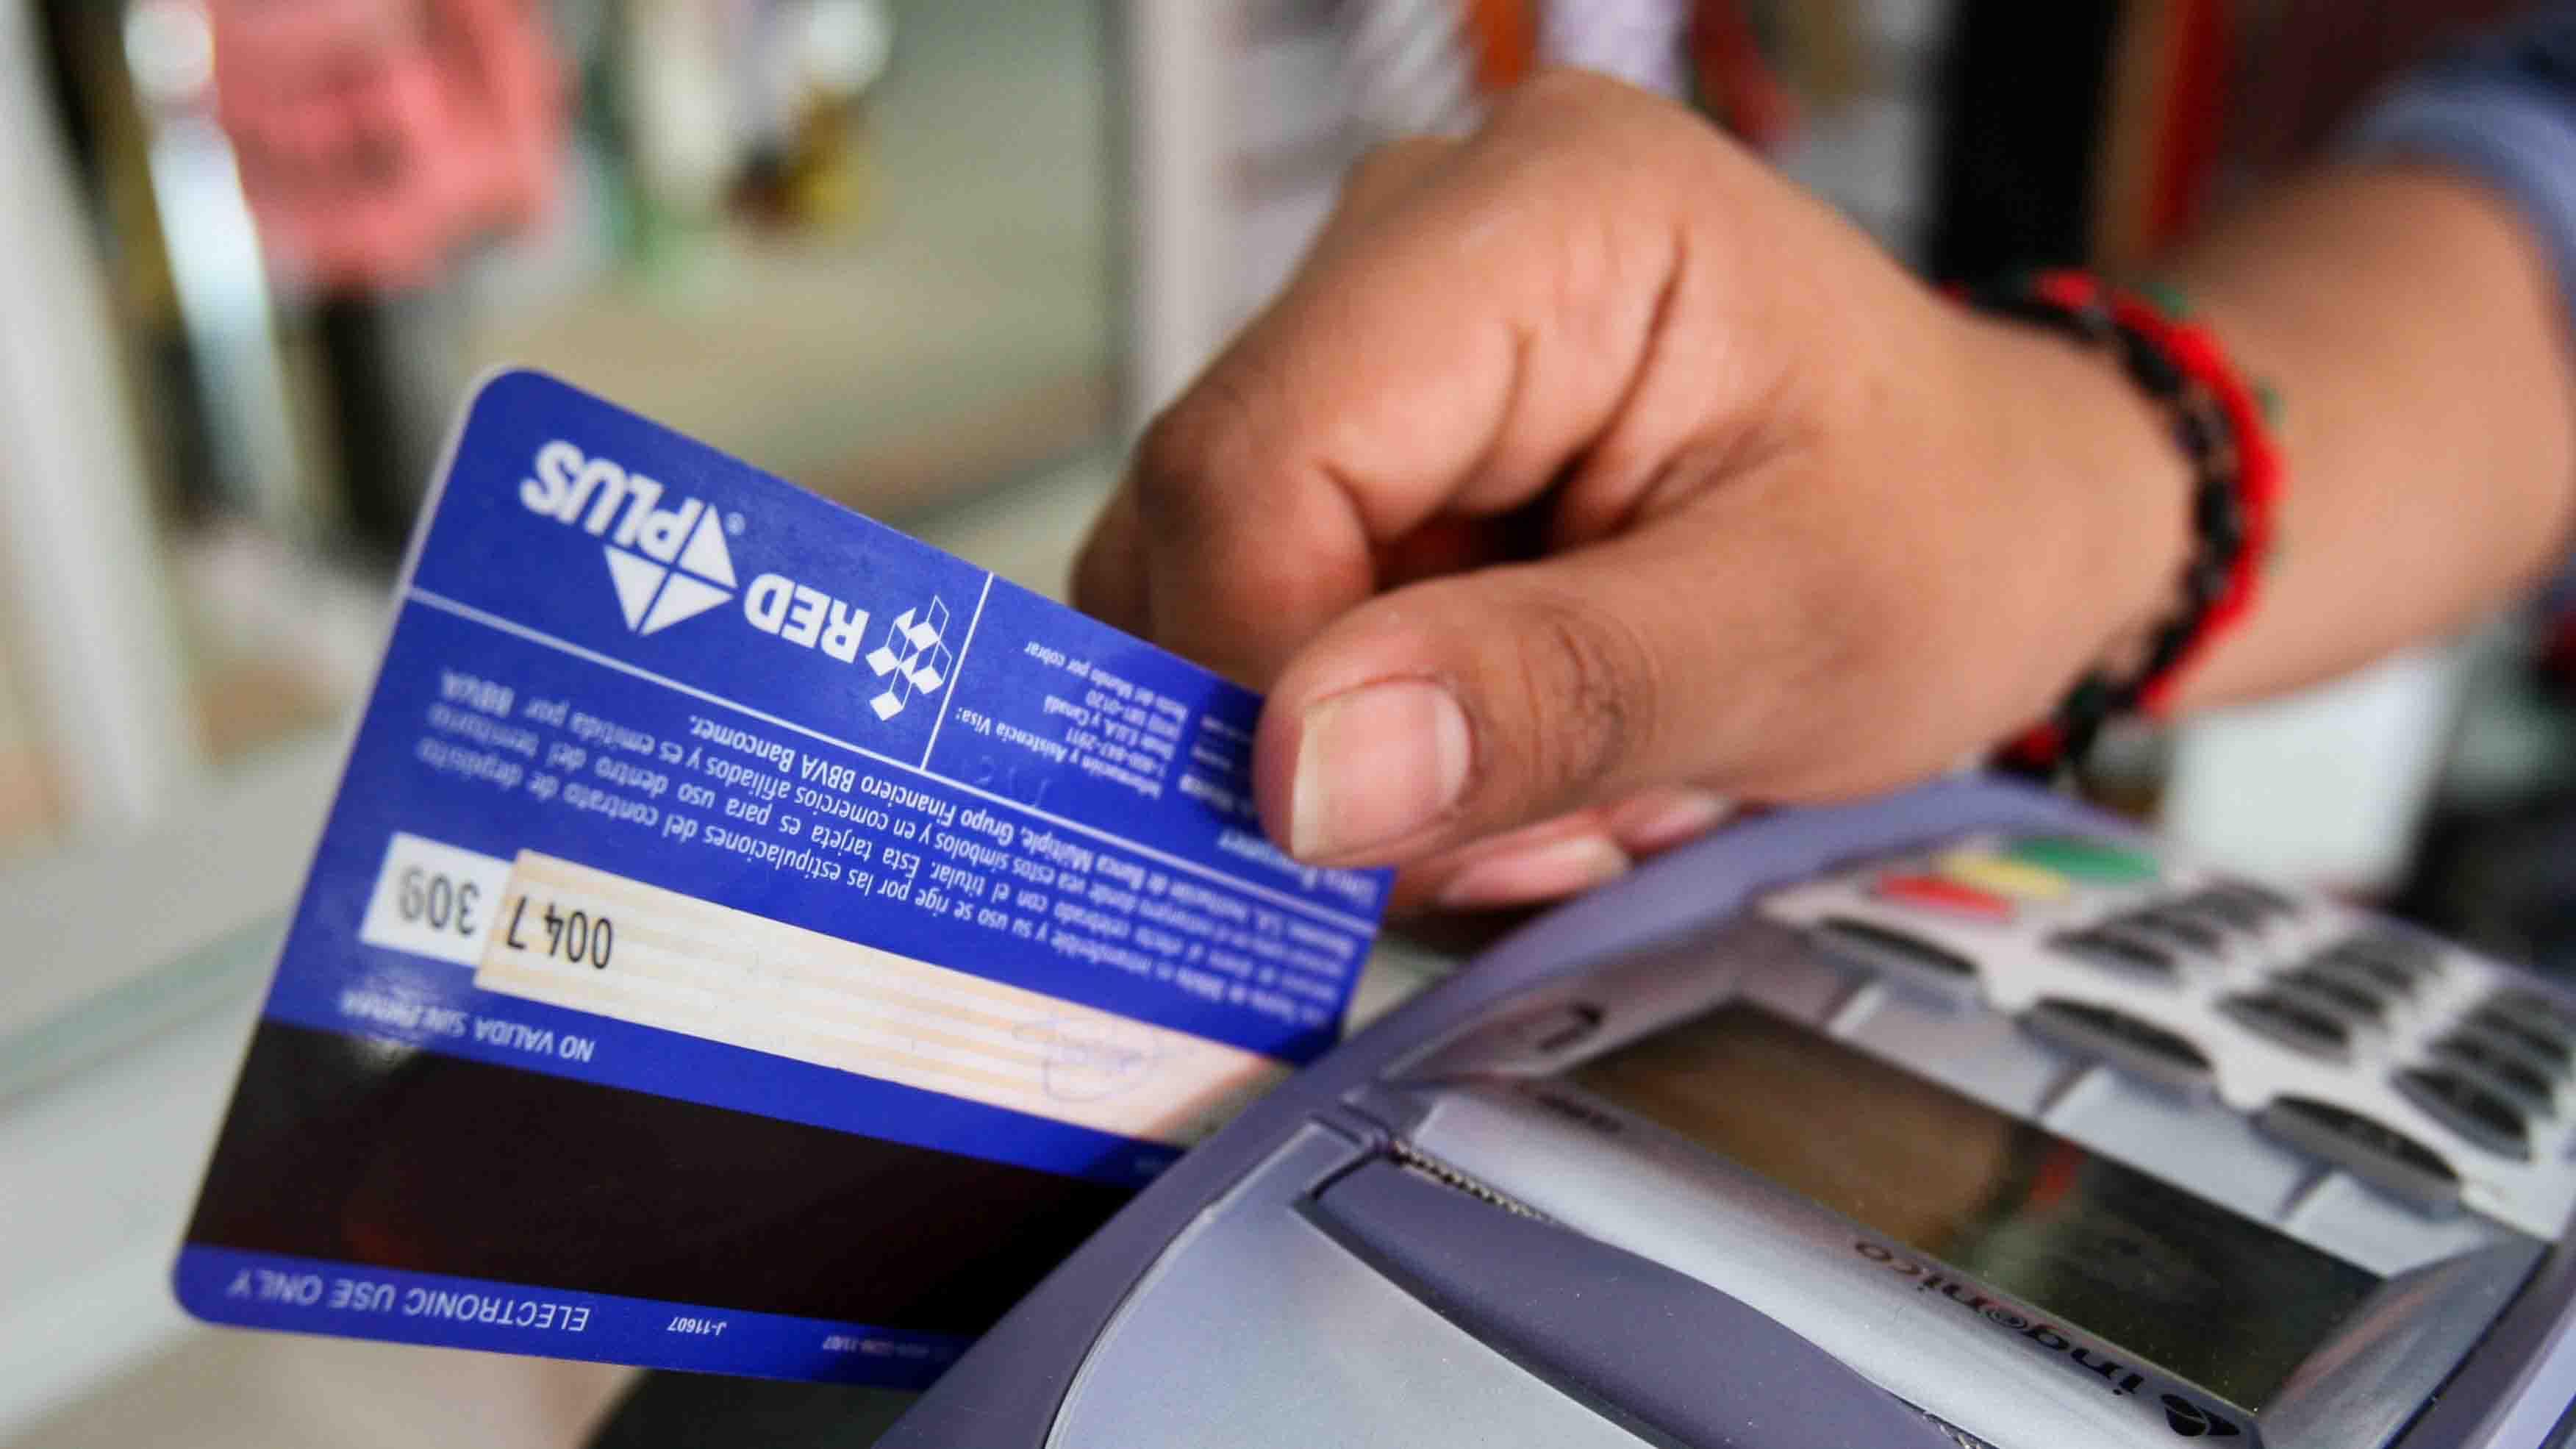 El ente exhortó a las instituciones bancarias y operadoras de tarjetas a ampliar y reforzar los esquemas de monitoreo